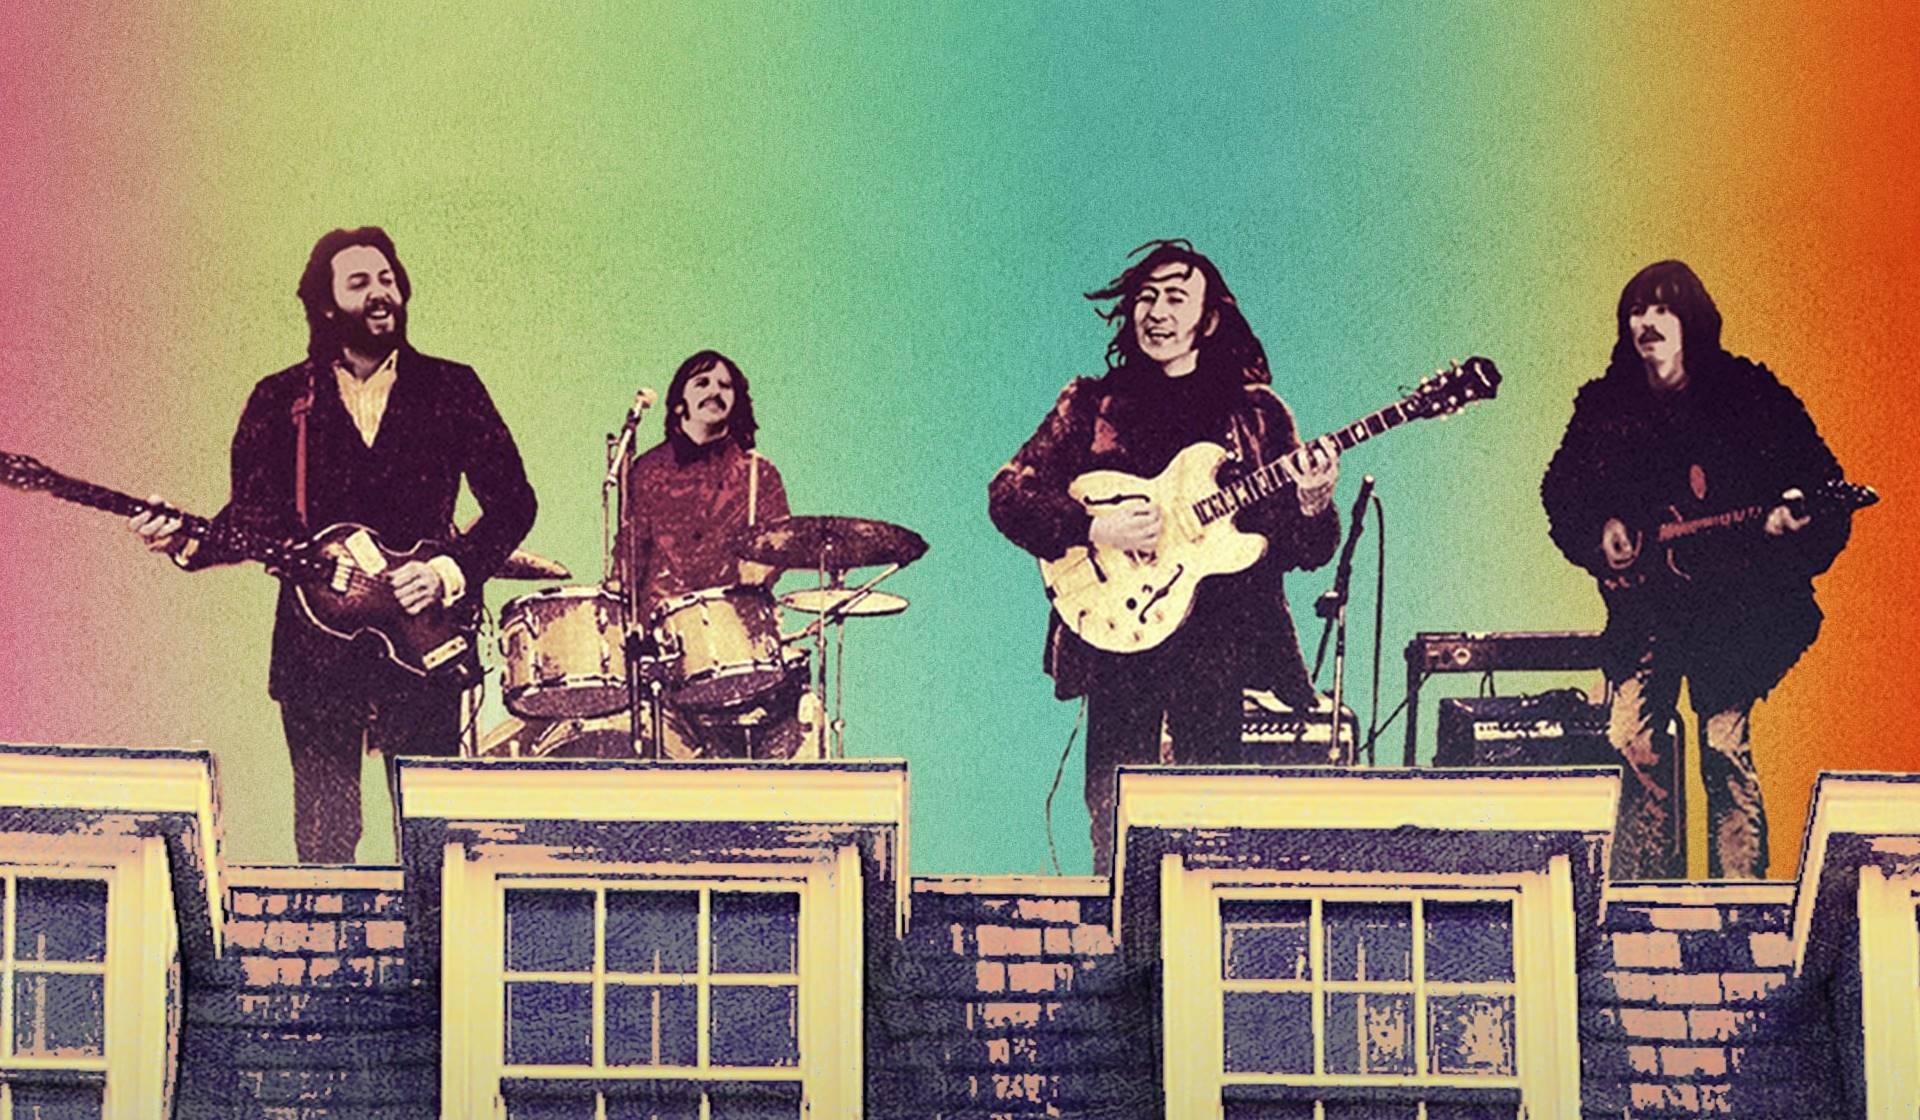 'The Beatles, Get Back' ediciones La cúpula